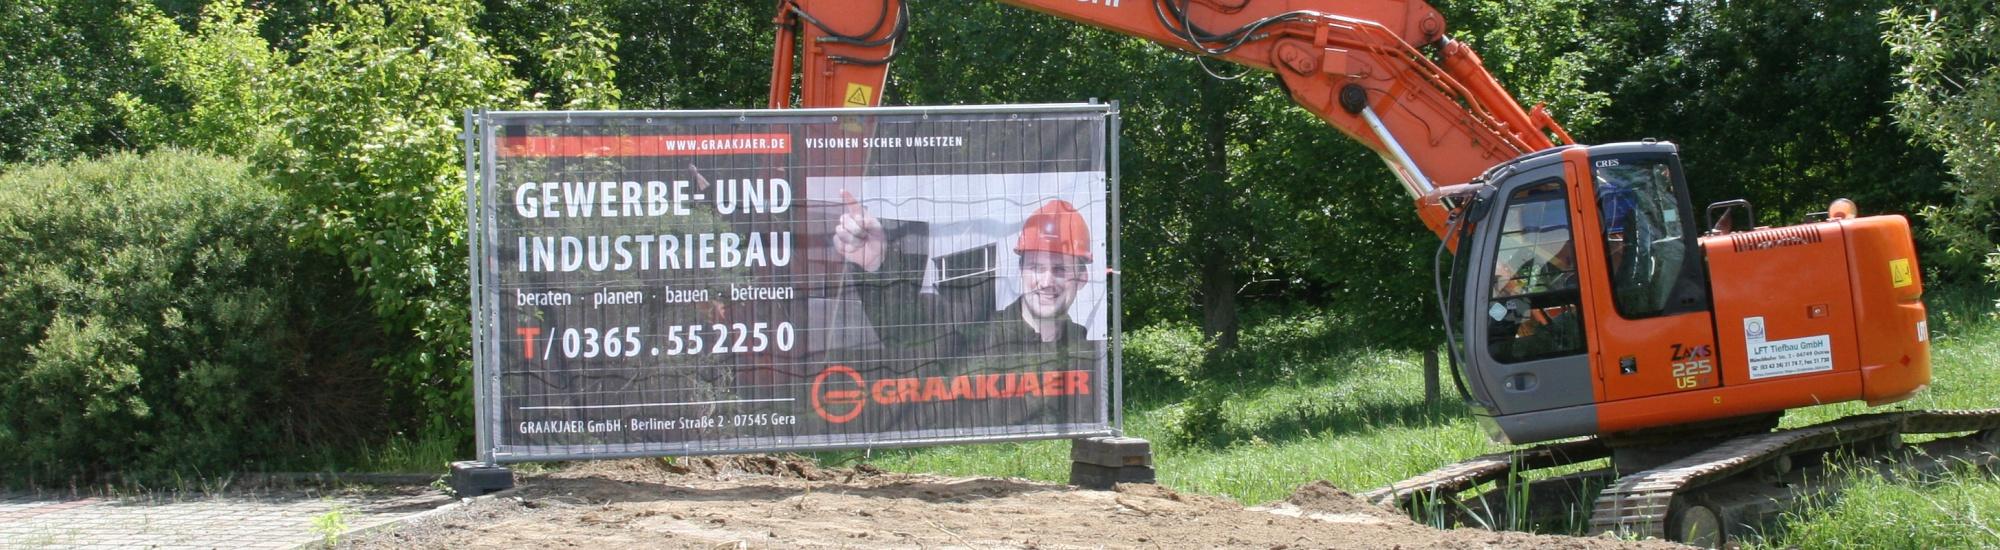 Bauzaunblende Bauzaunbanner Druck auf Gitternetzplane Mesh Standard 270 g/m²